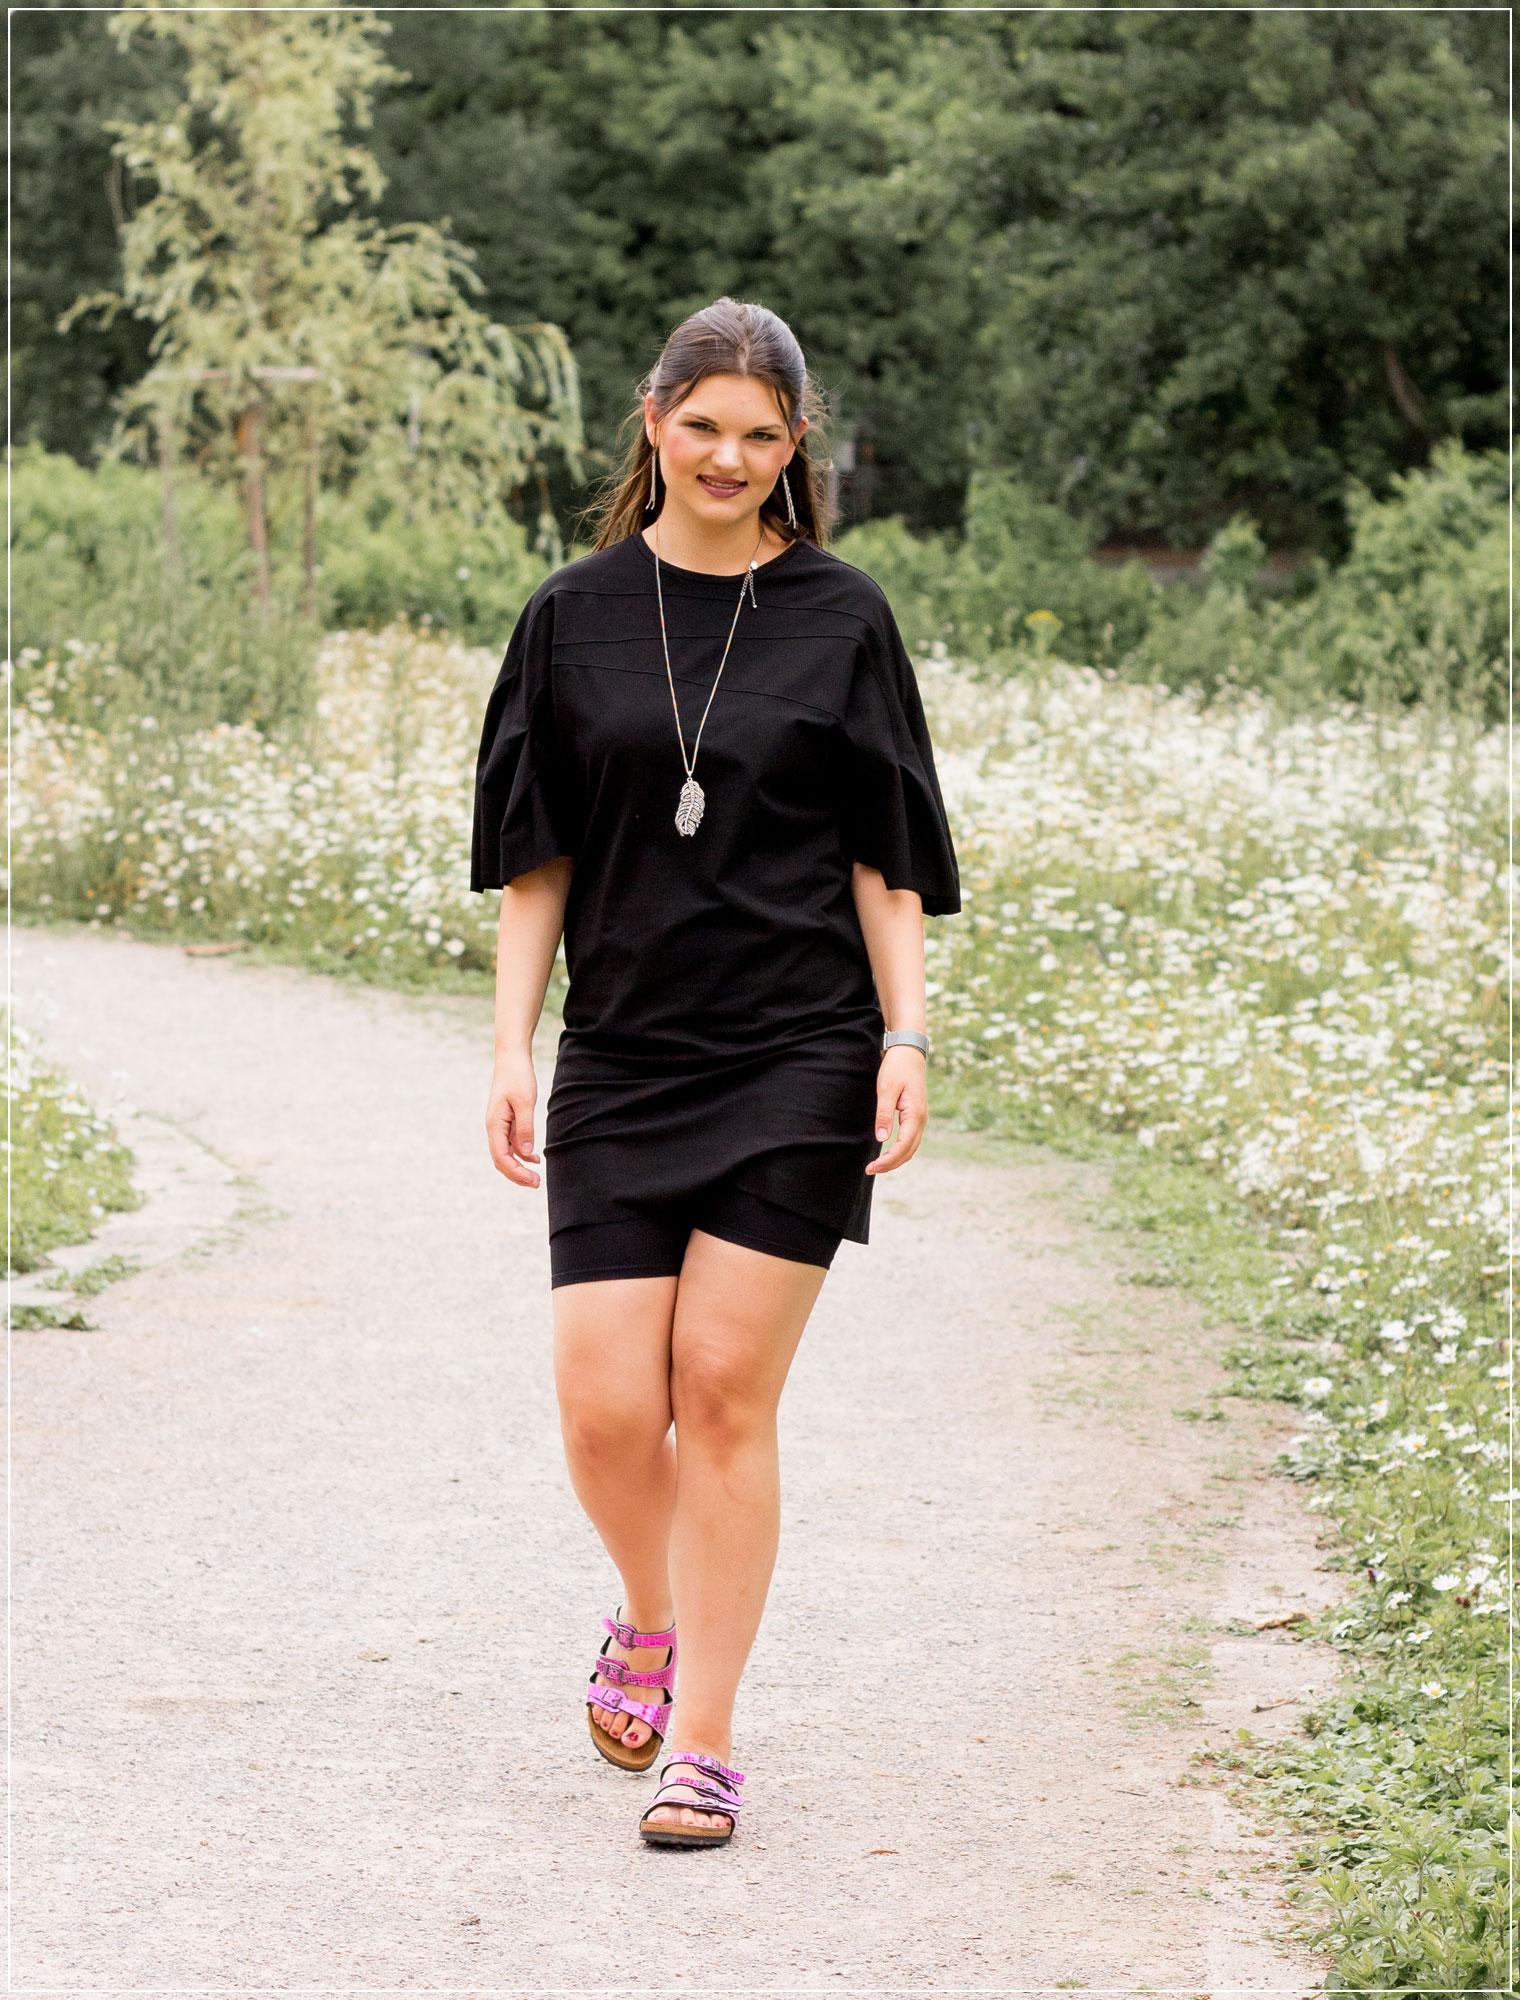 Radlershorts, Radlerhosen, Radler kombinieren, Sommeroutfit , Sommerlook, Biker Shorts, Outfitinspiration, Modebloggerin, Fashionbloggerin, Modeblog, Ruhrgebiet